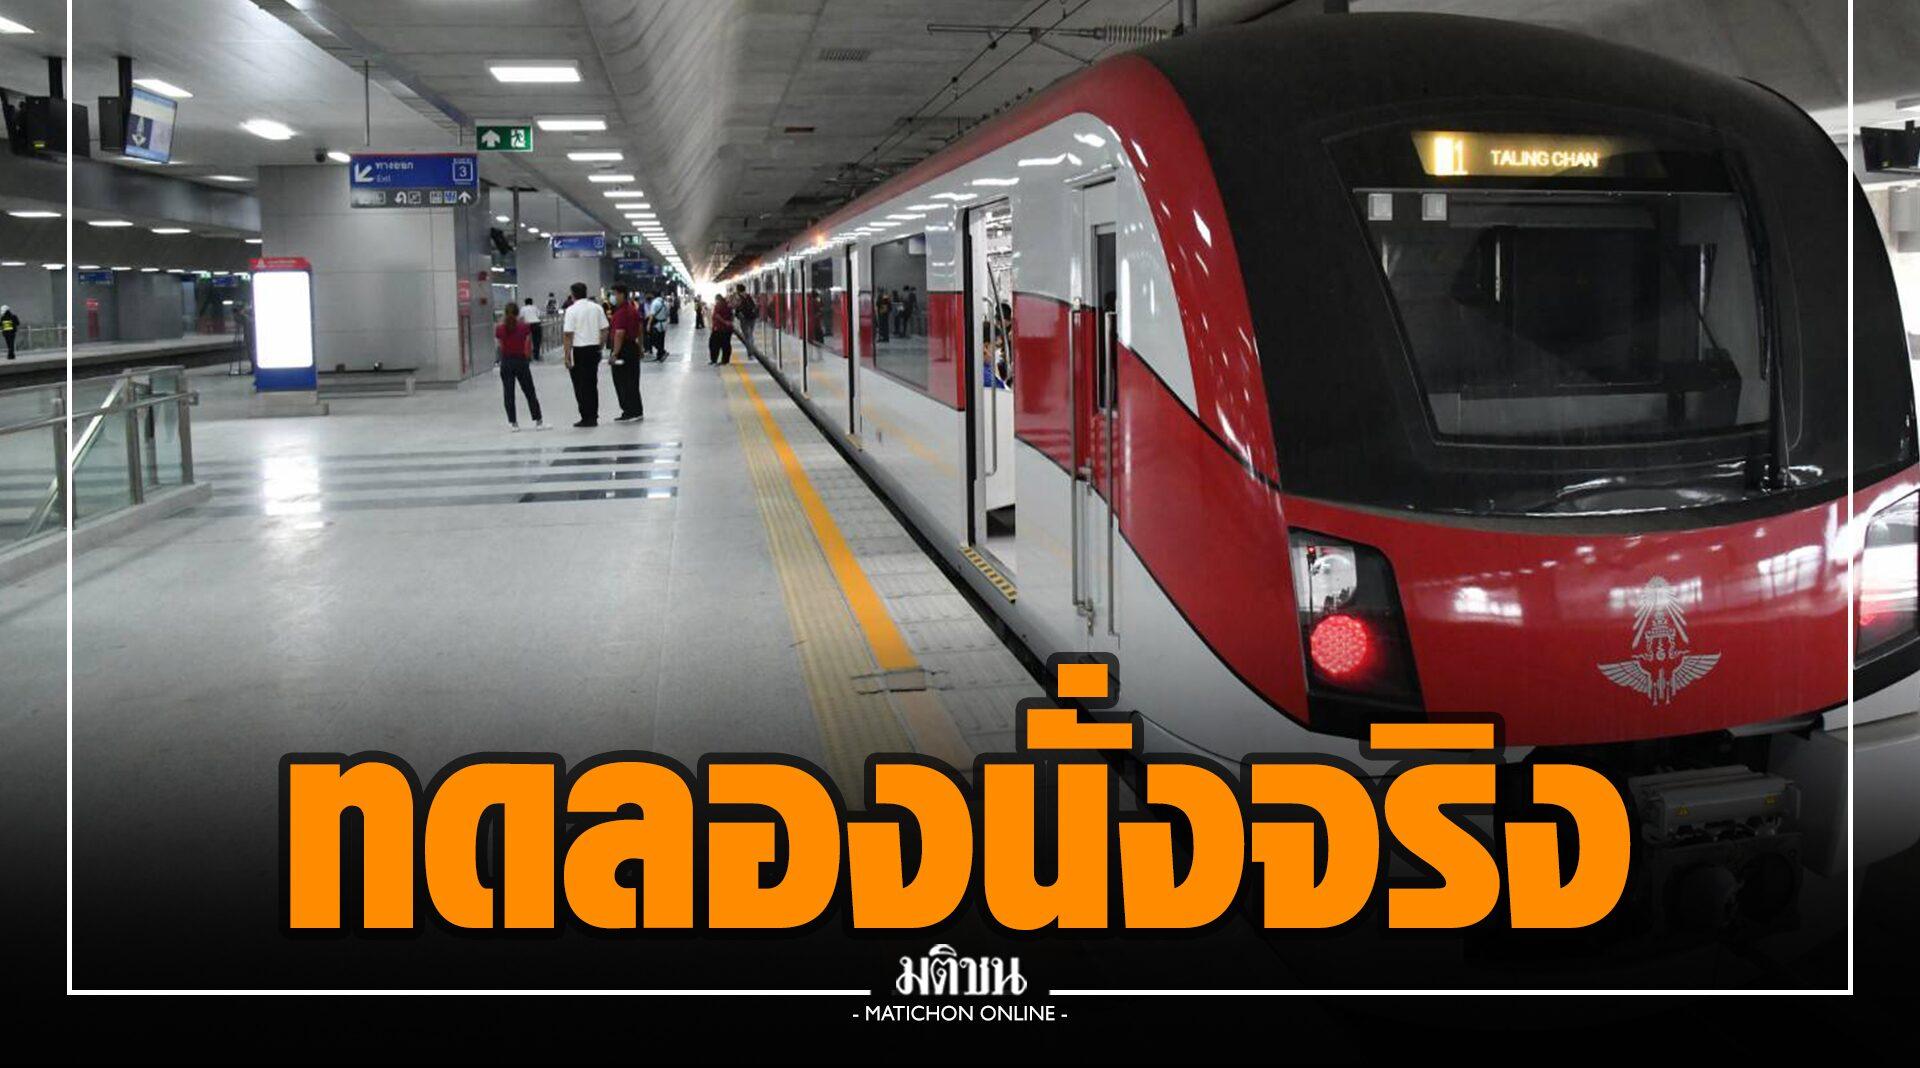 วิ่งฉิว! 26 มี.ค. 'ร.ฟ.ท.' เล็งเปิดทดลองนั่งรถไฟสายสีแดง